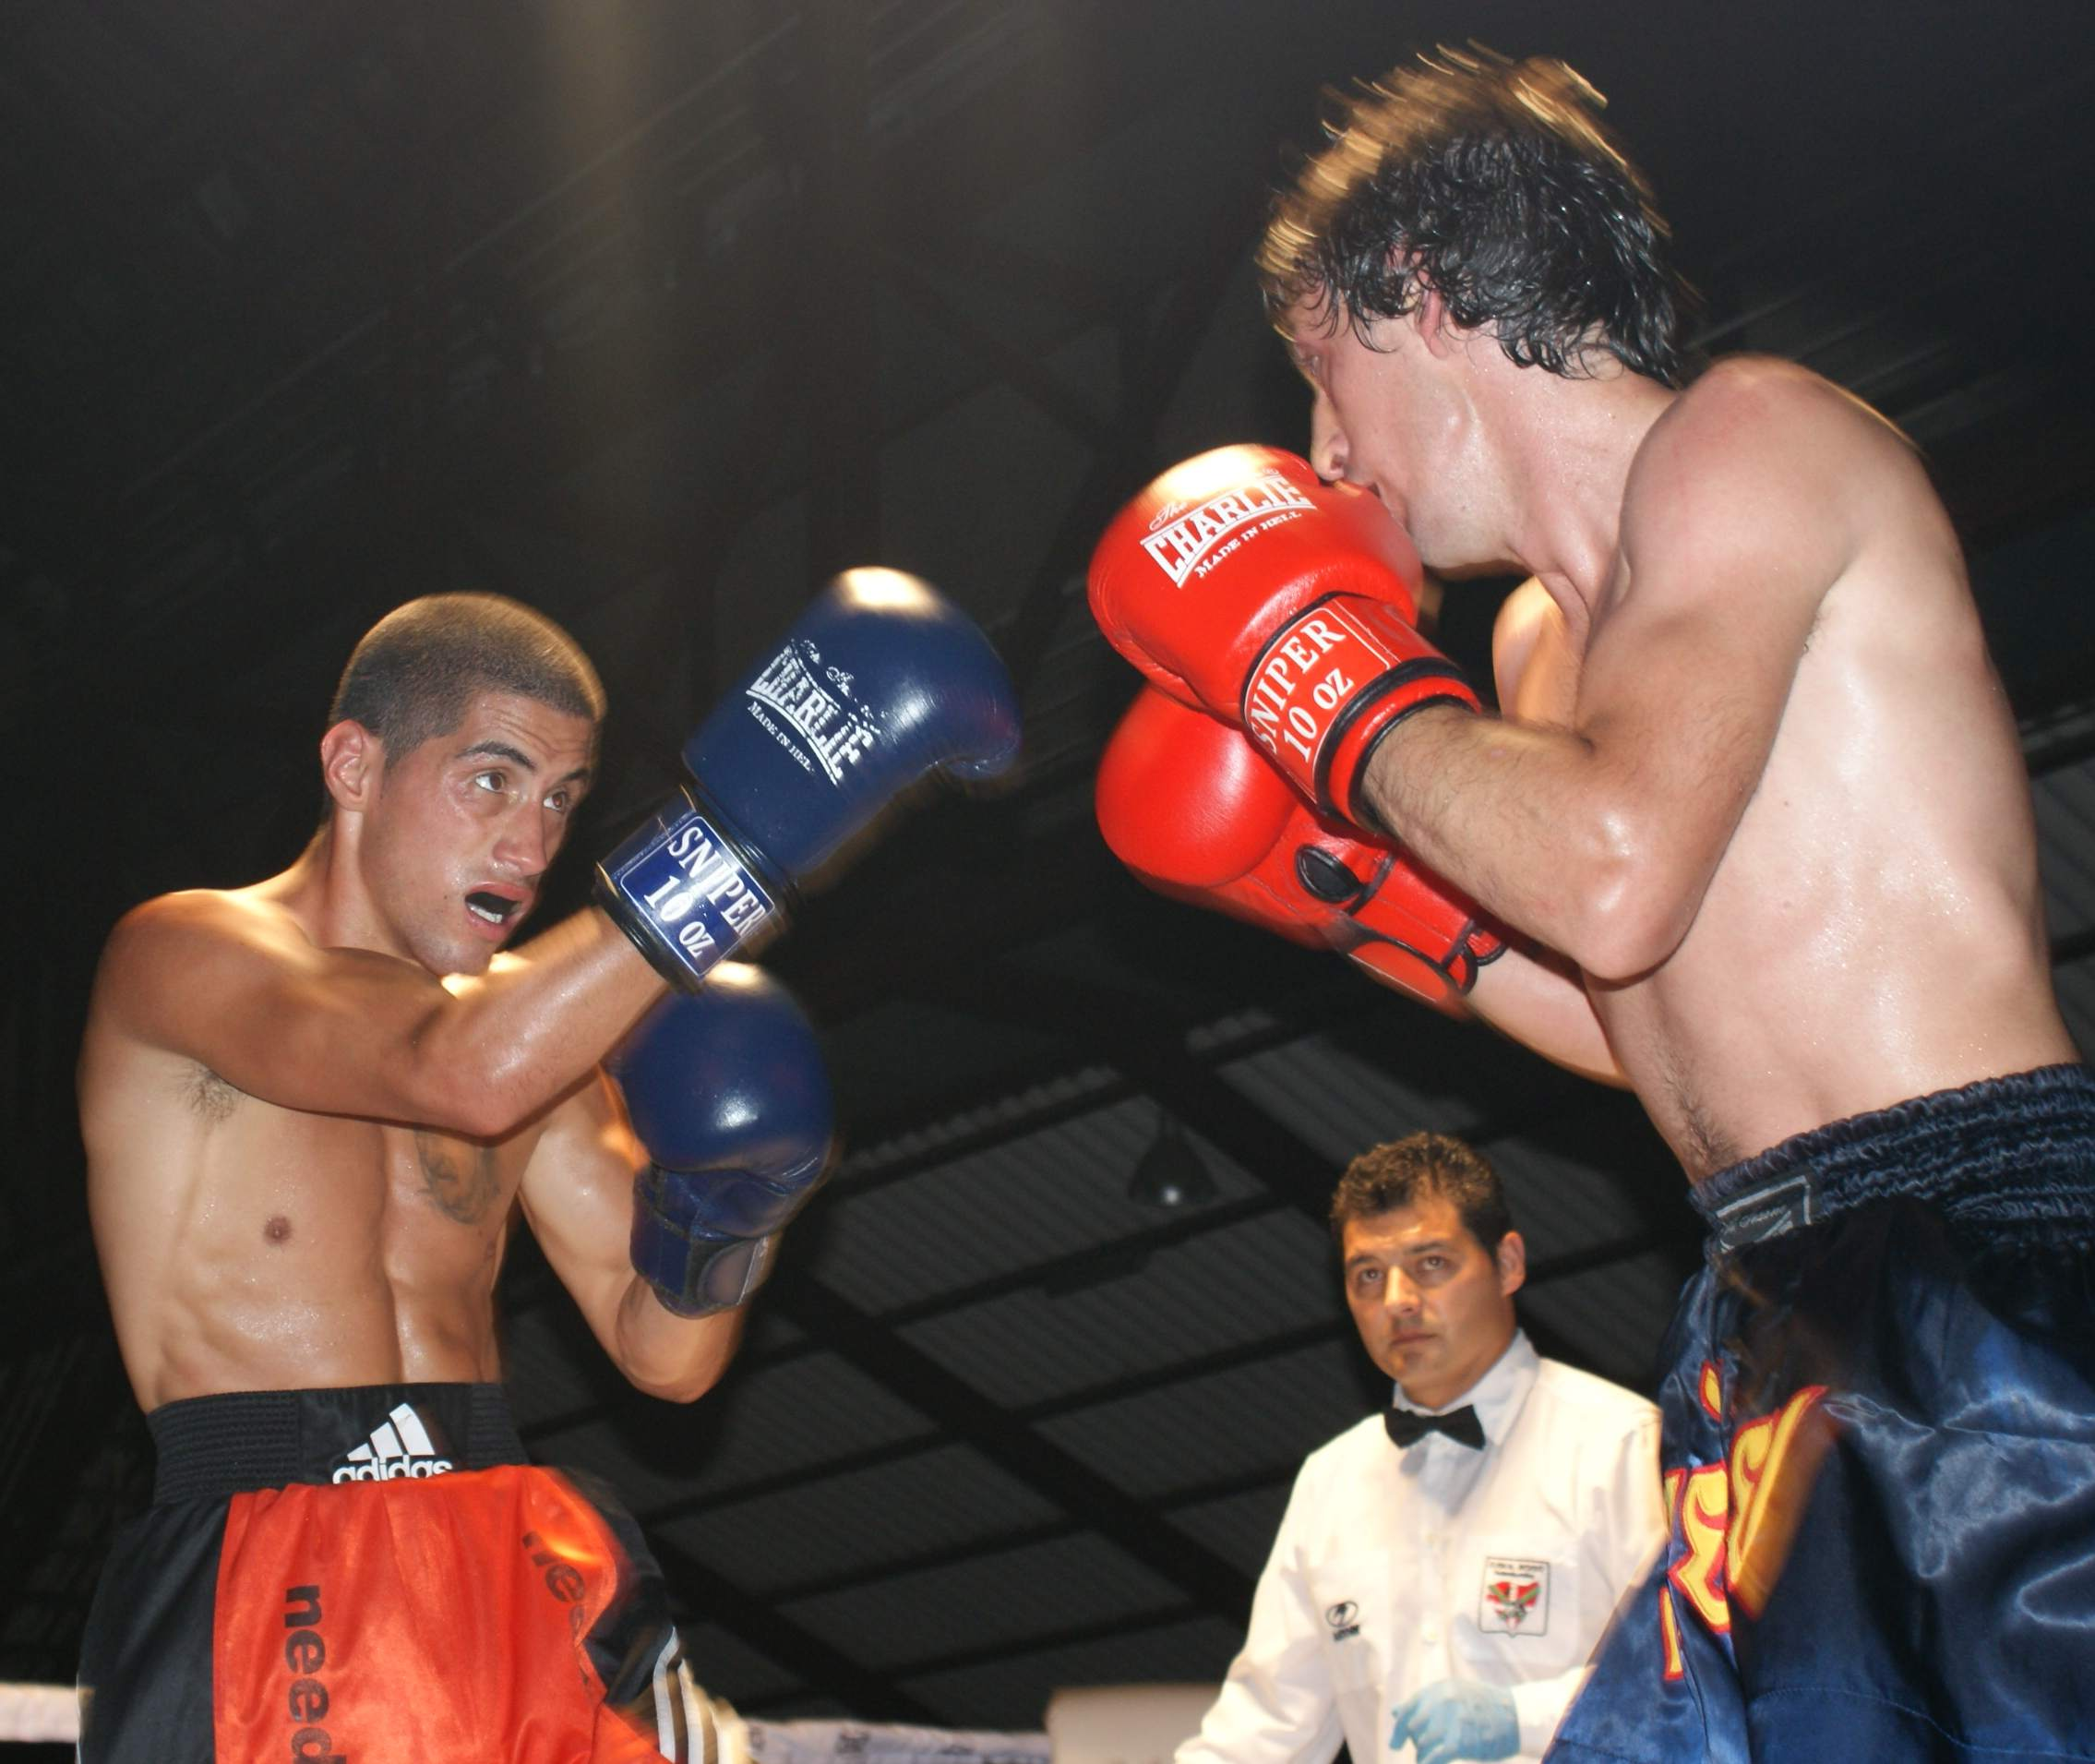 Boxeo: El vigente Campeón de Euskadi del gallo, el argentino de la Escuela Anoeta Leo Berreaute, protagonizó uno de los combates más vistosos de la noche